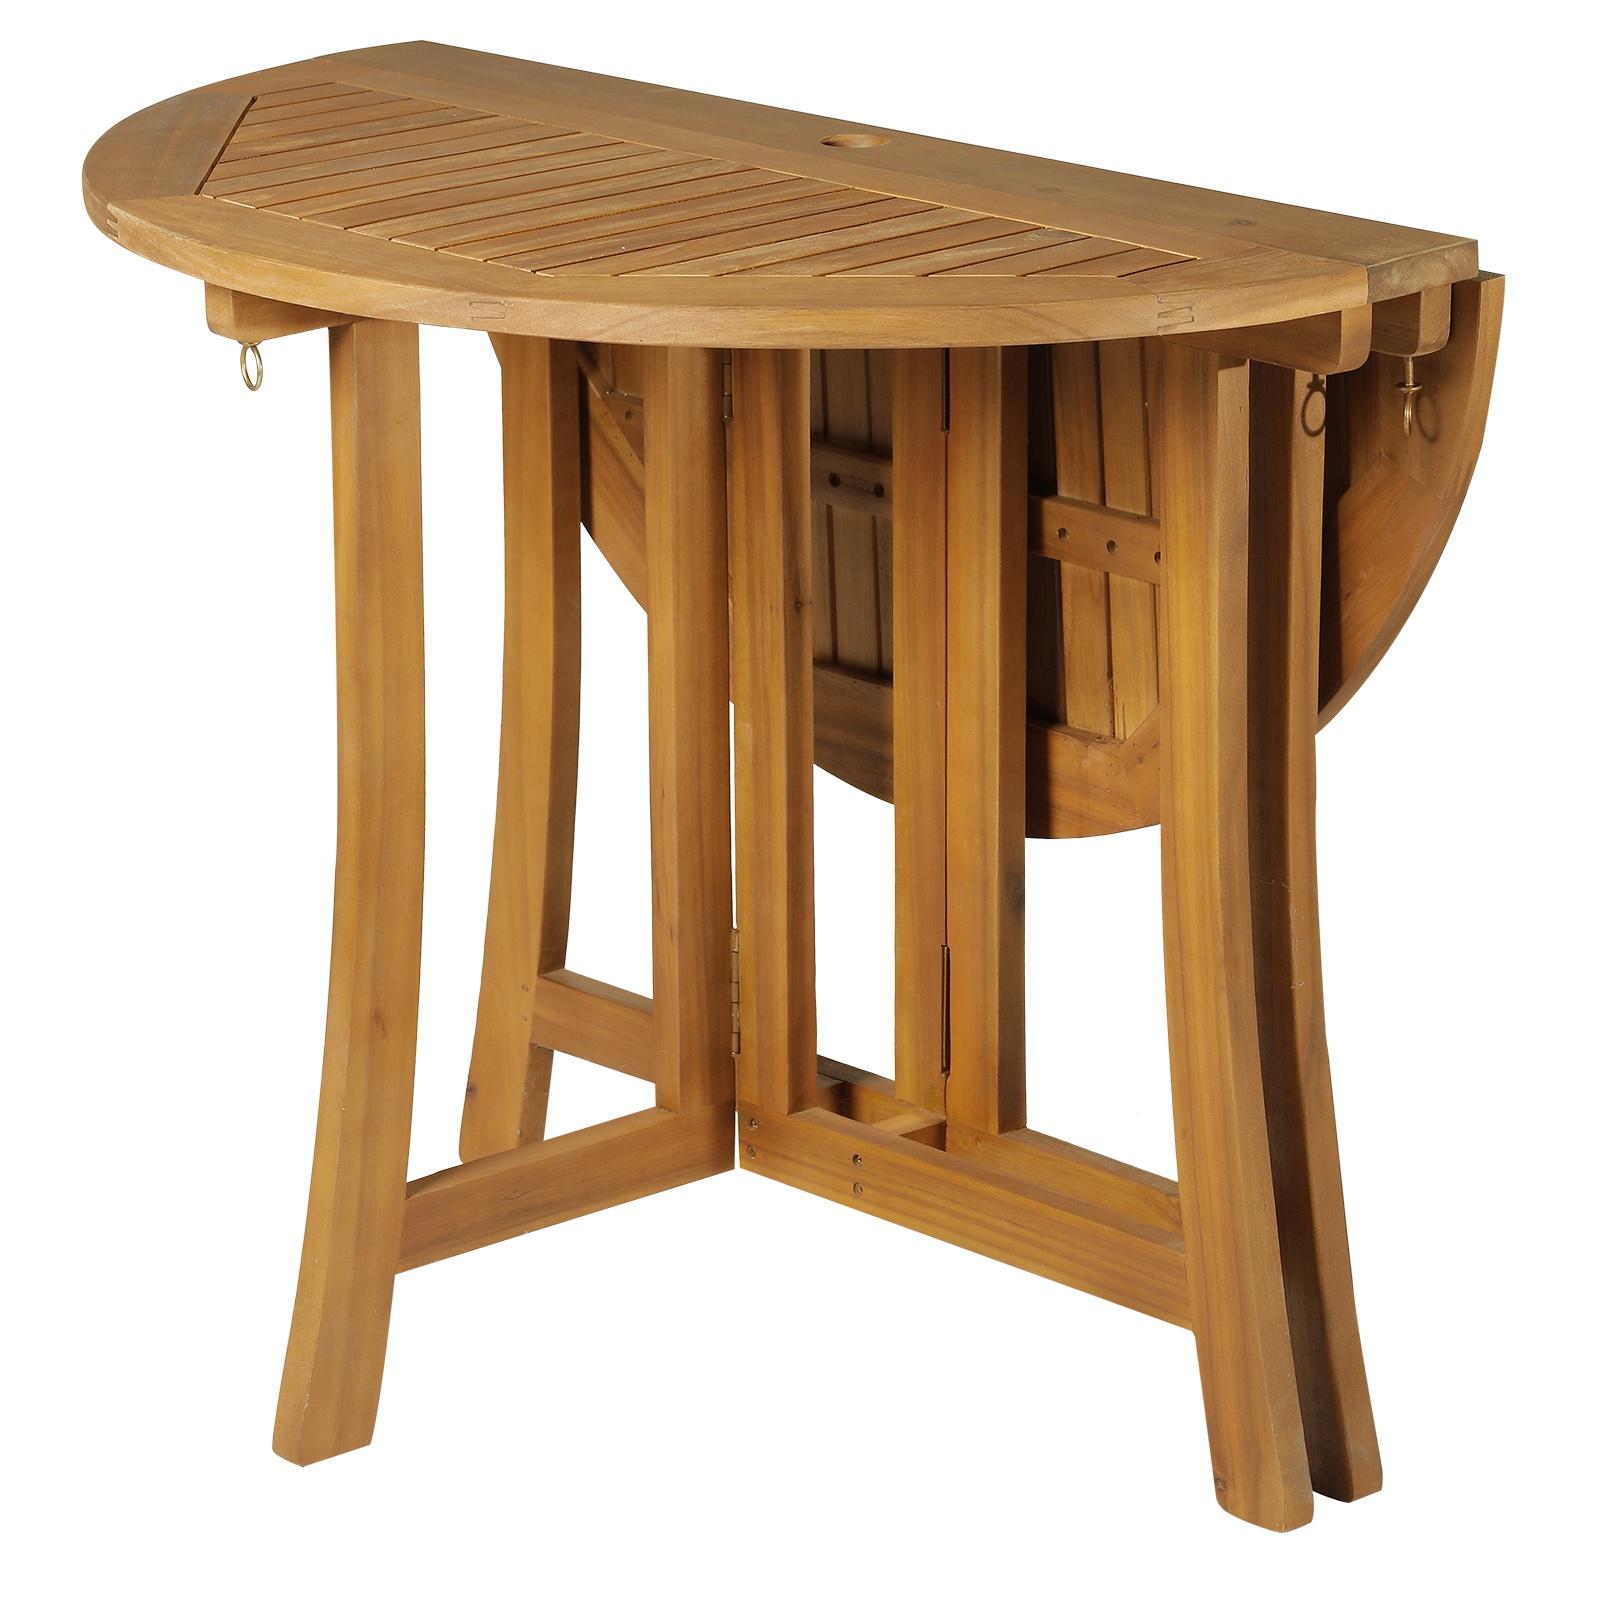 Full Size of Balkontisch Klappbar Outsunny Klapptisch Beistelltisch Gartentisch Holztisch Ausklappbares Bett Ausklappbar Wohnzimmer Balkontisch Klappbar